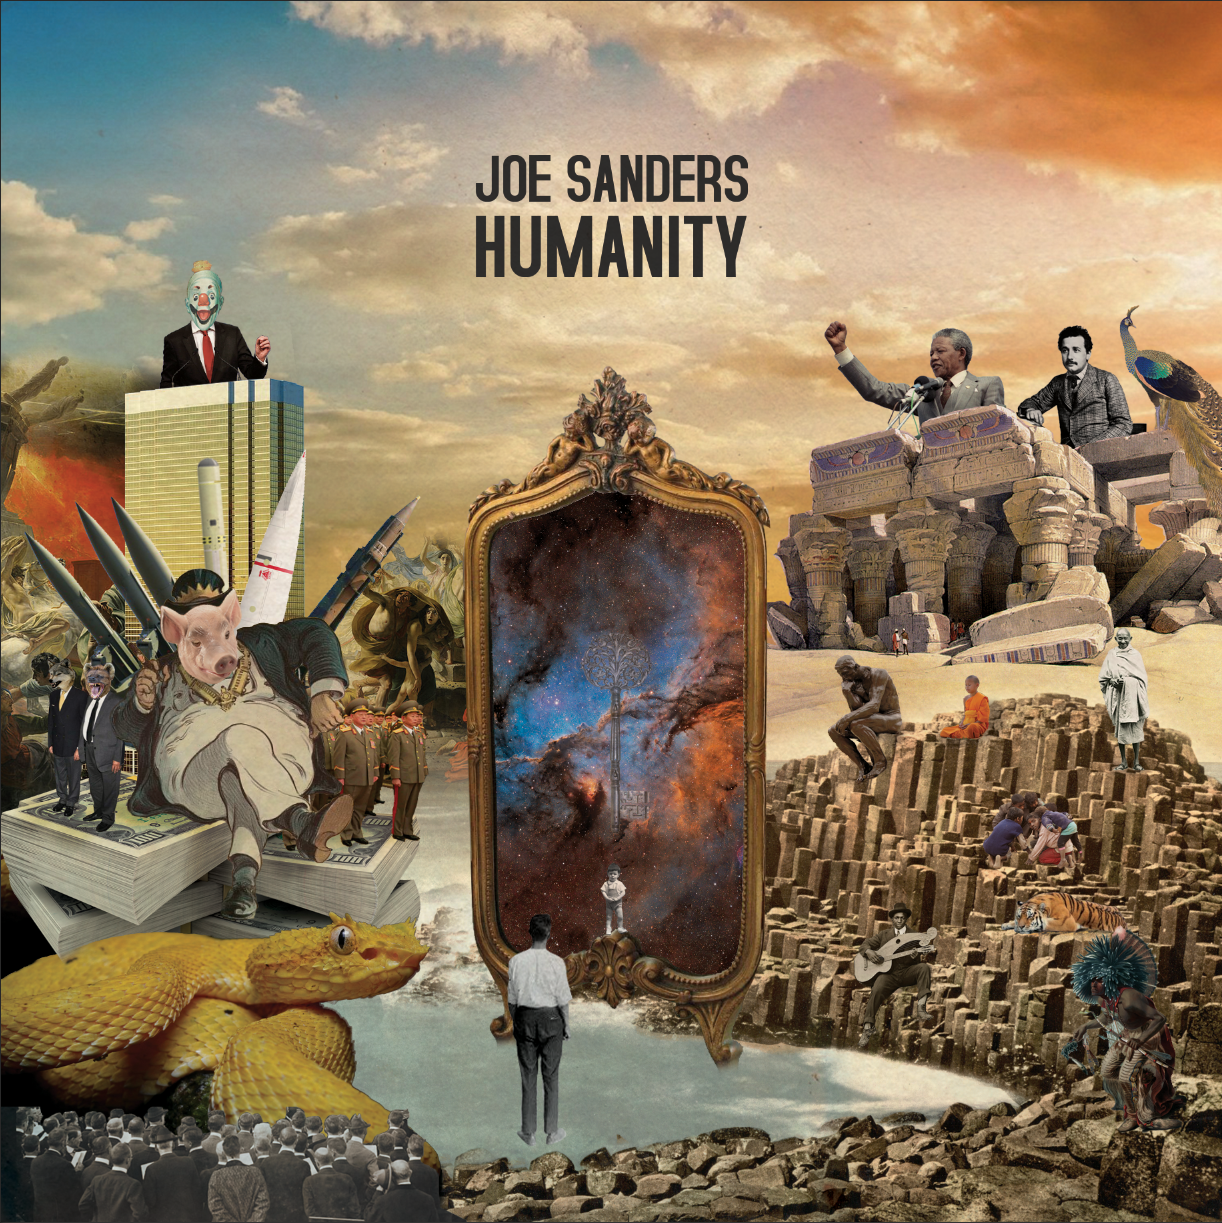 Joe Sanders publica el disco Humanity